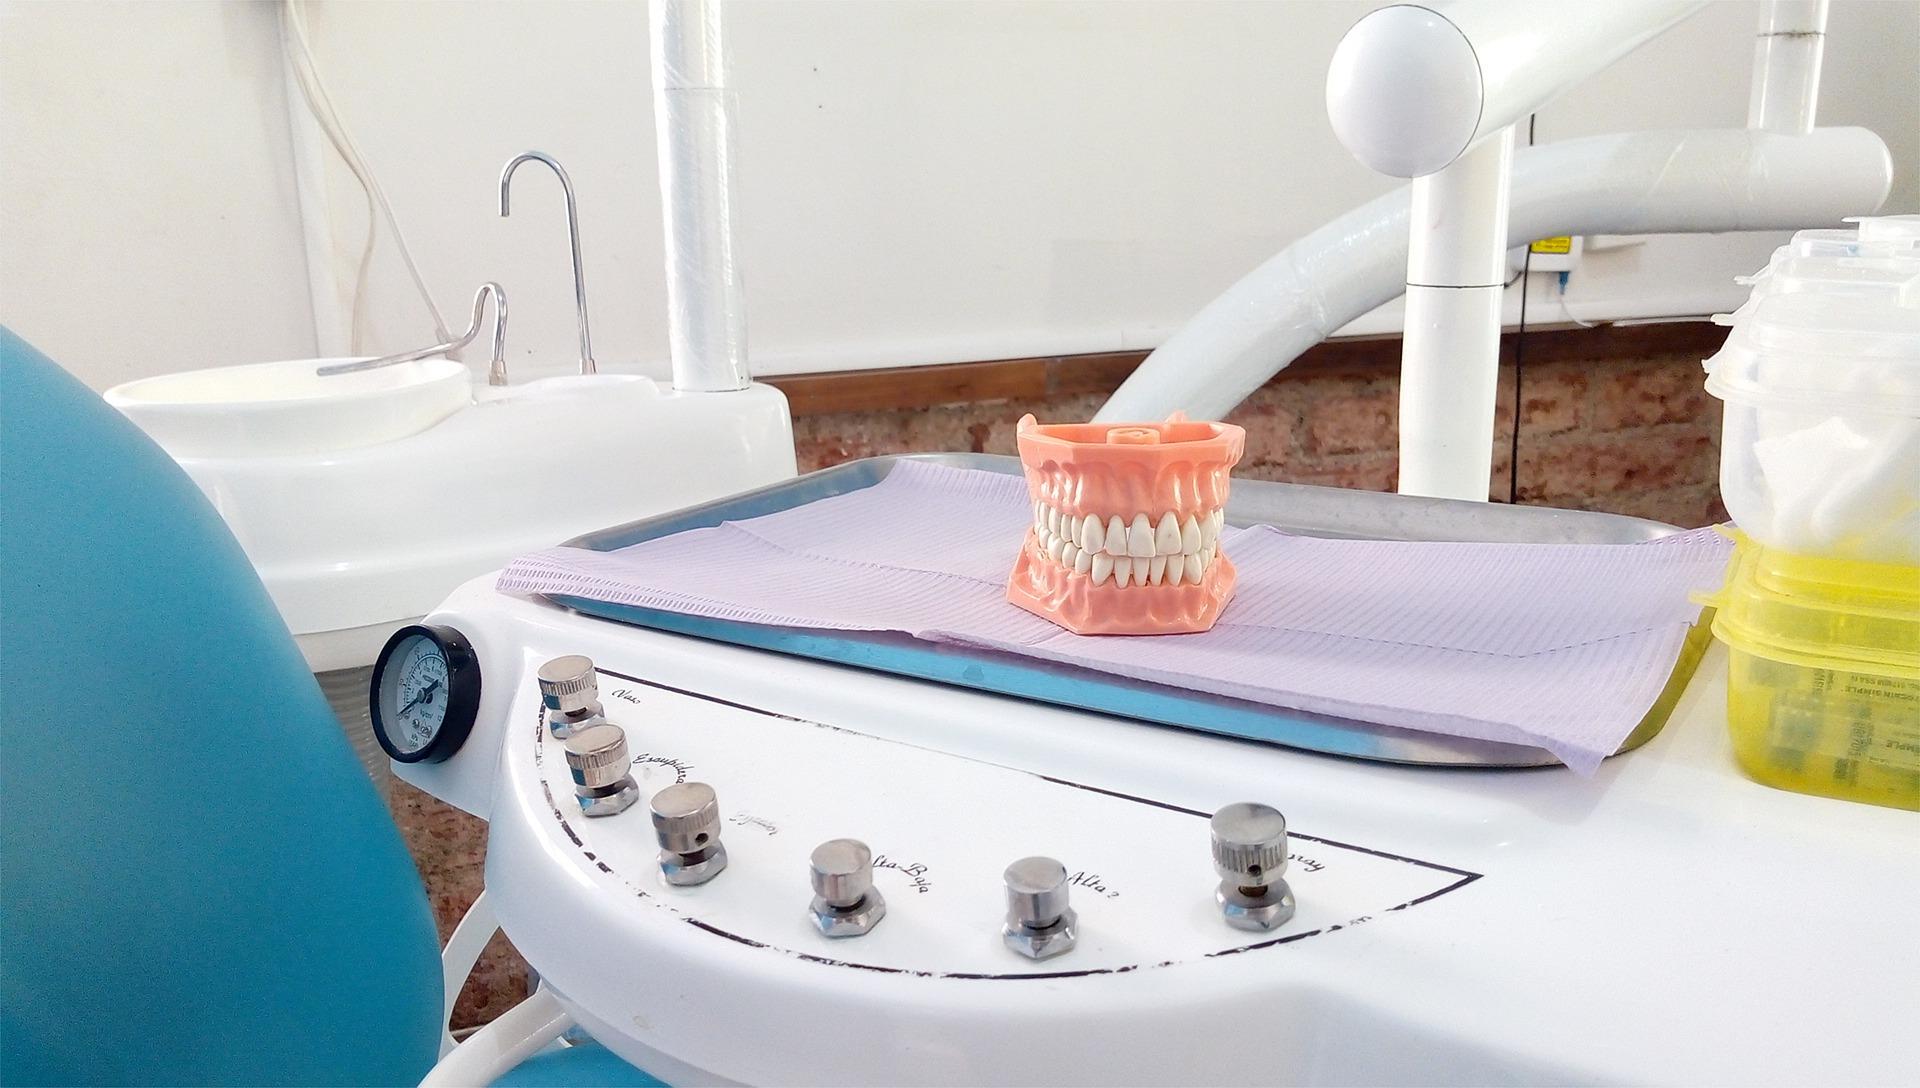 Implanty zębowe, najlepsza alternatywa dla osób mających problem z uzębieniem